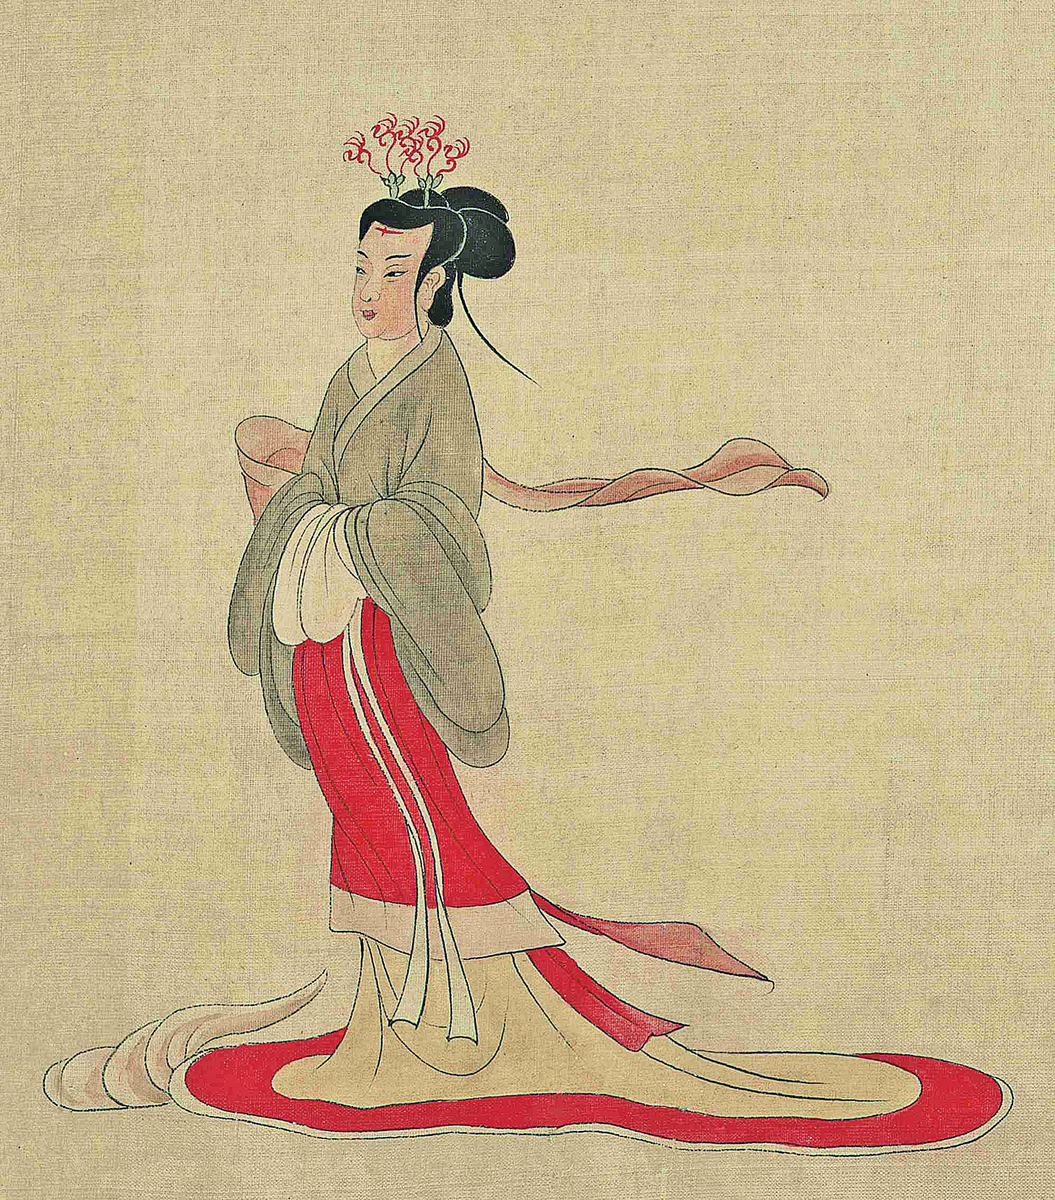 卞夫人的人品、處事都堪稱楷模。是曹操的賢內助。示意圖:於非闇摹《女史箴圖》(局部)。(公有領域)